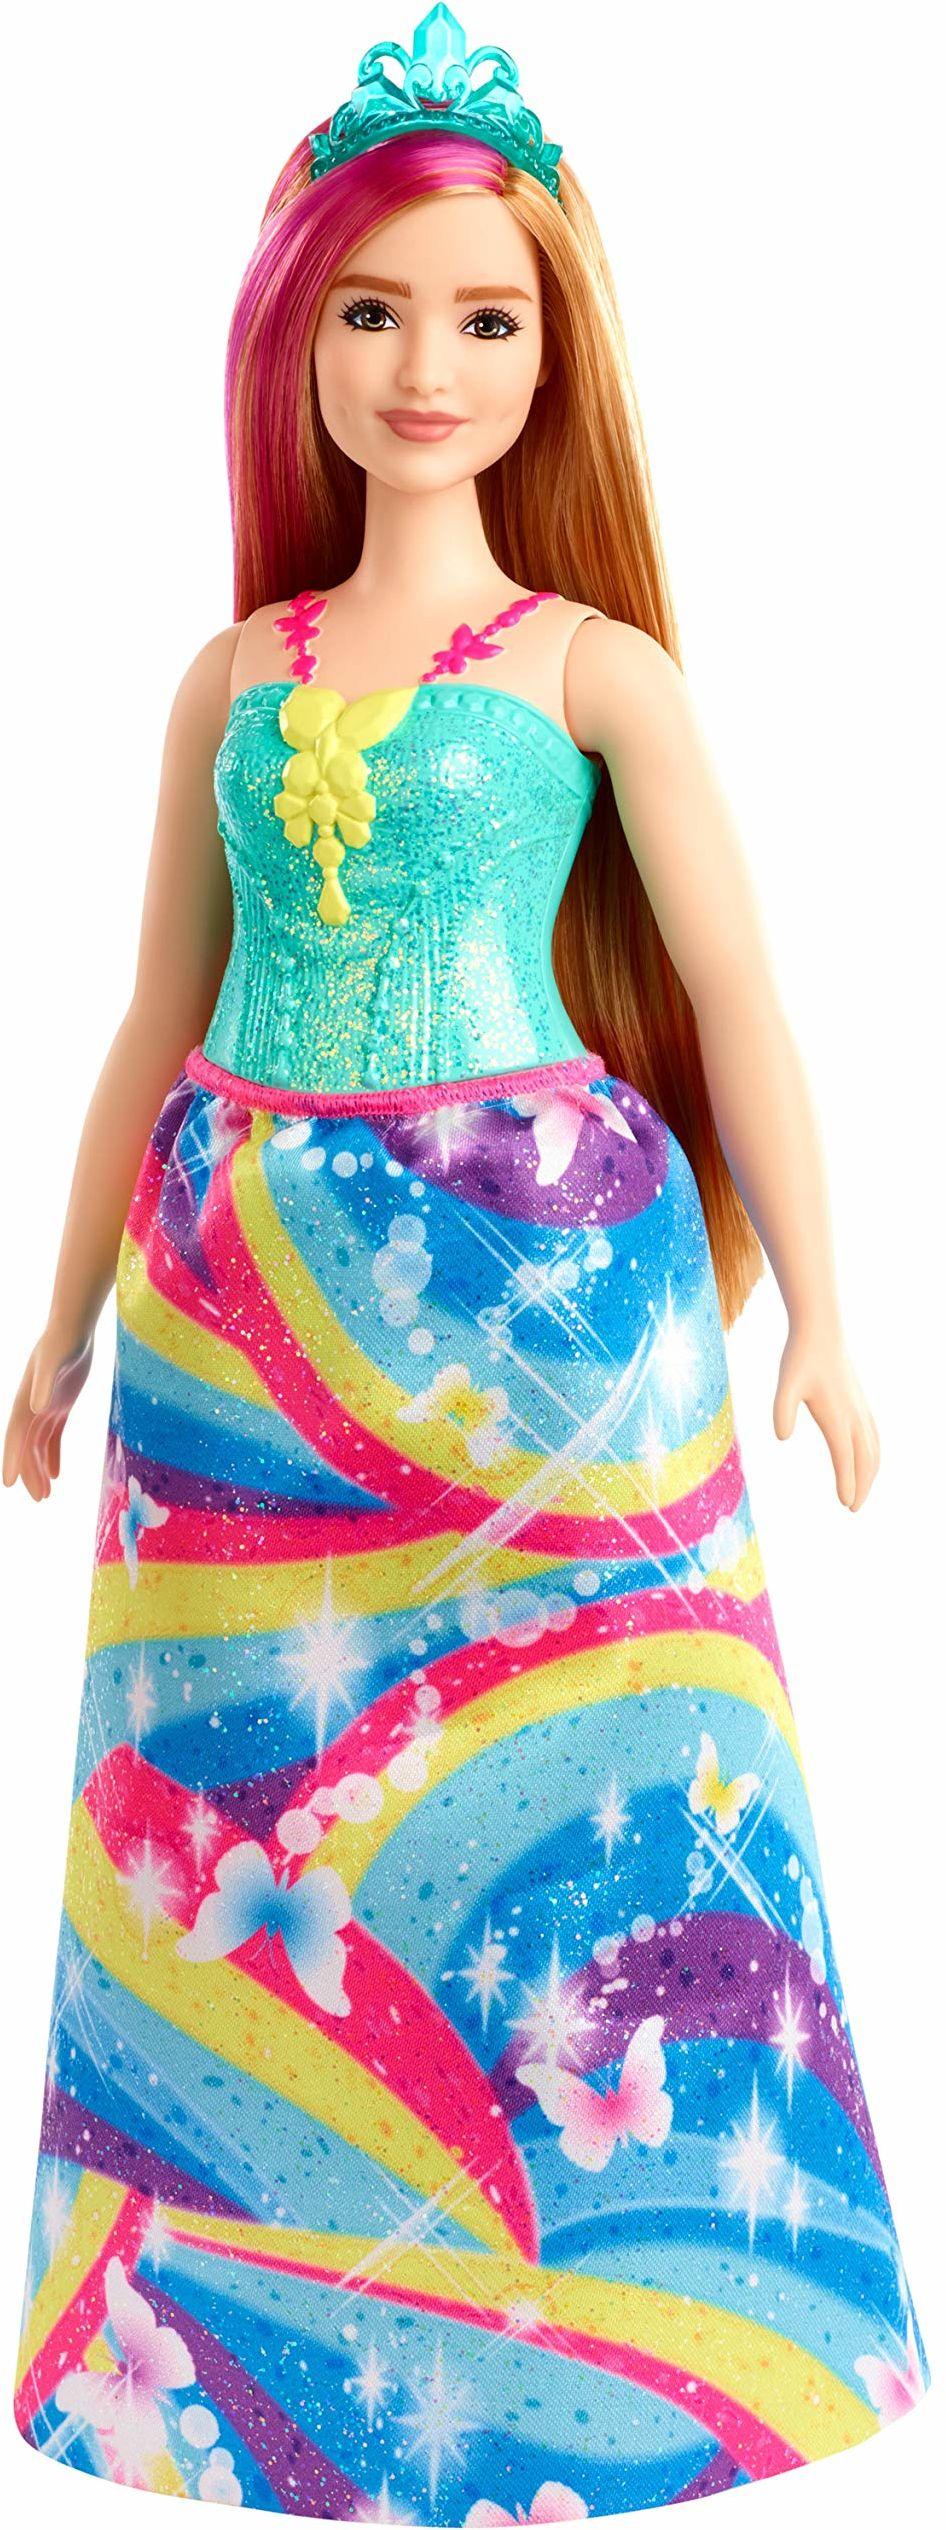 Barbie GJK16 , Dreamtopia Lalka Księżniczka (30 Cm) O Krągłych Kształtach, Włosy Truskawkowy Blond Z Różowym Kosmykiem Gjk16 ,wielokolorowa